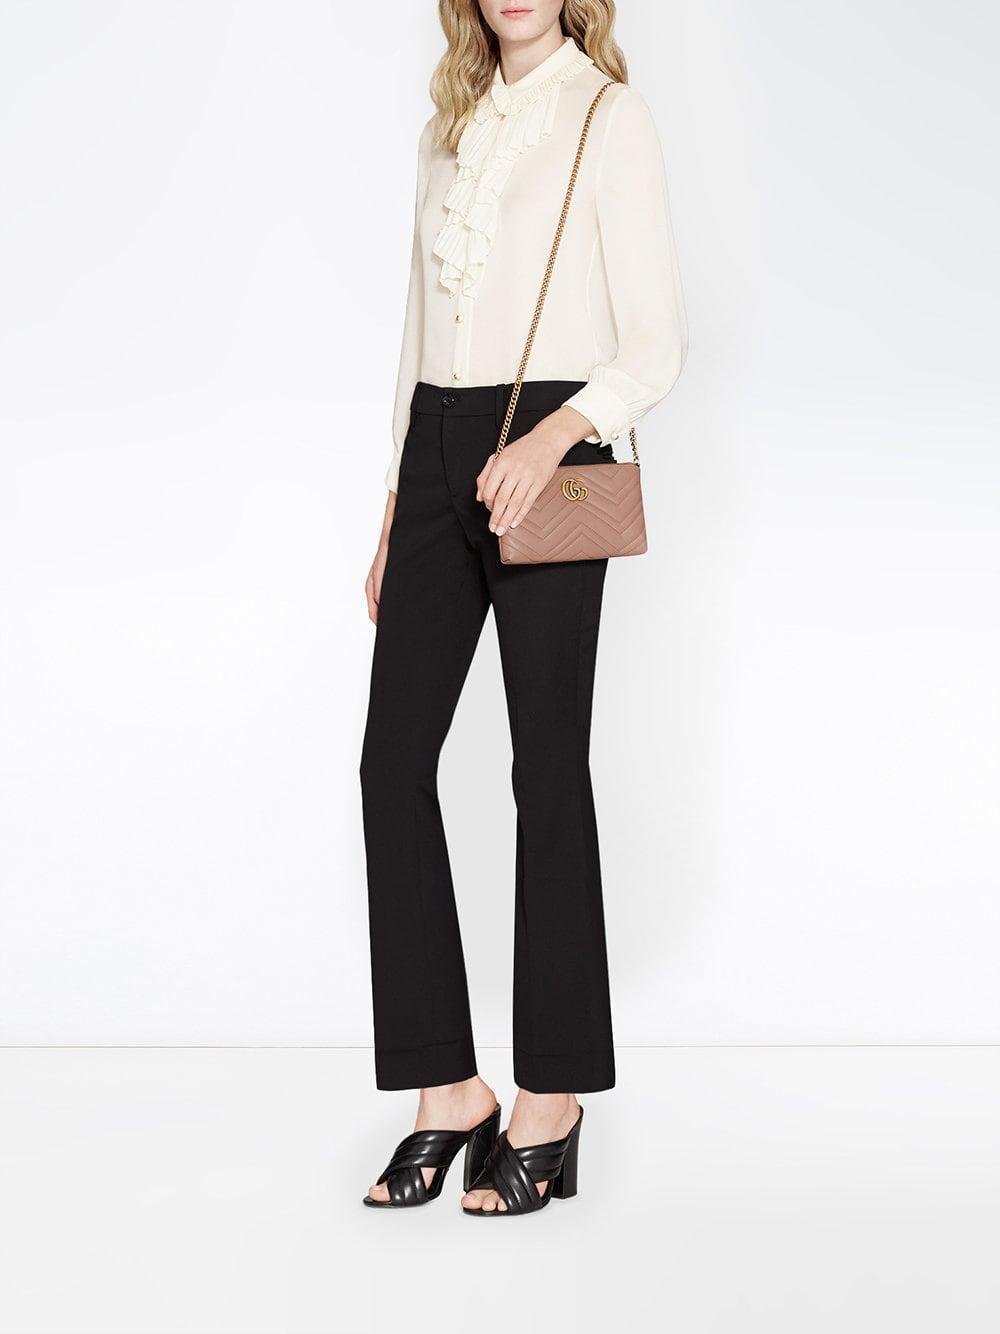 96e67a27baee Gucci - Multicolor GG Marmont Mini Chain Bag - Lyst. View fullscreen